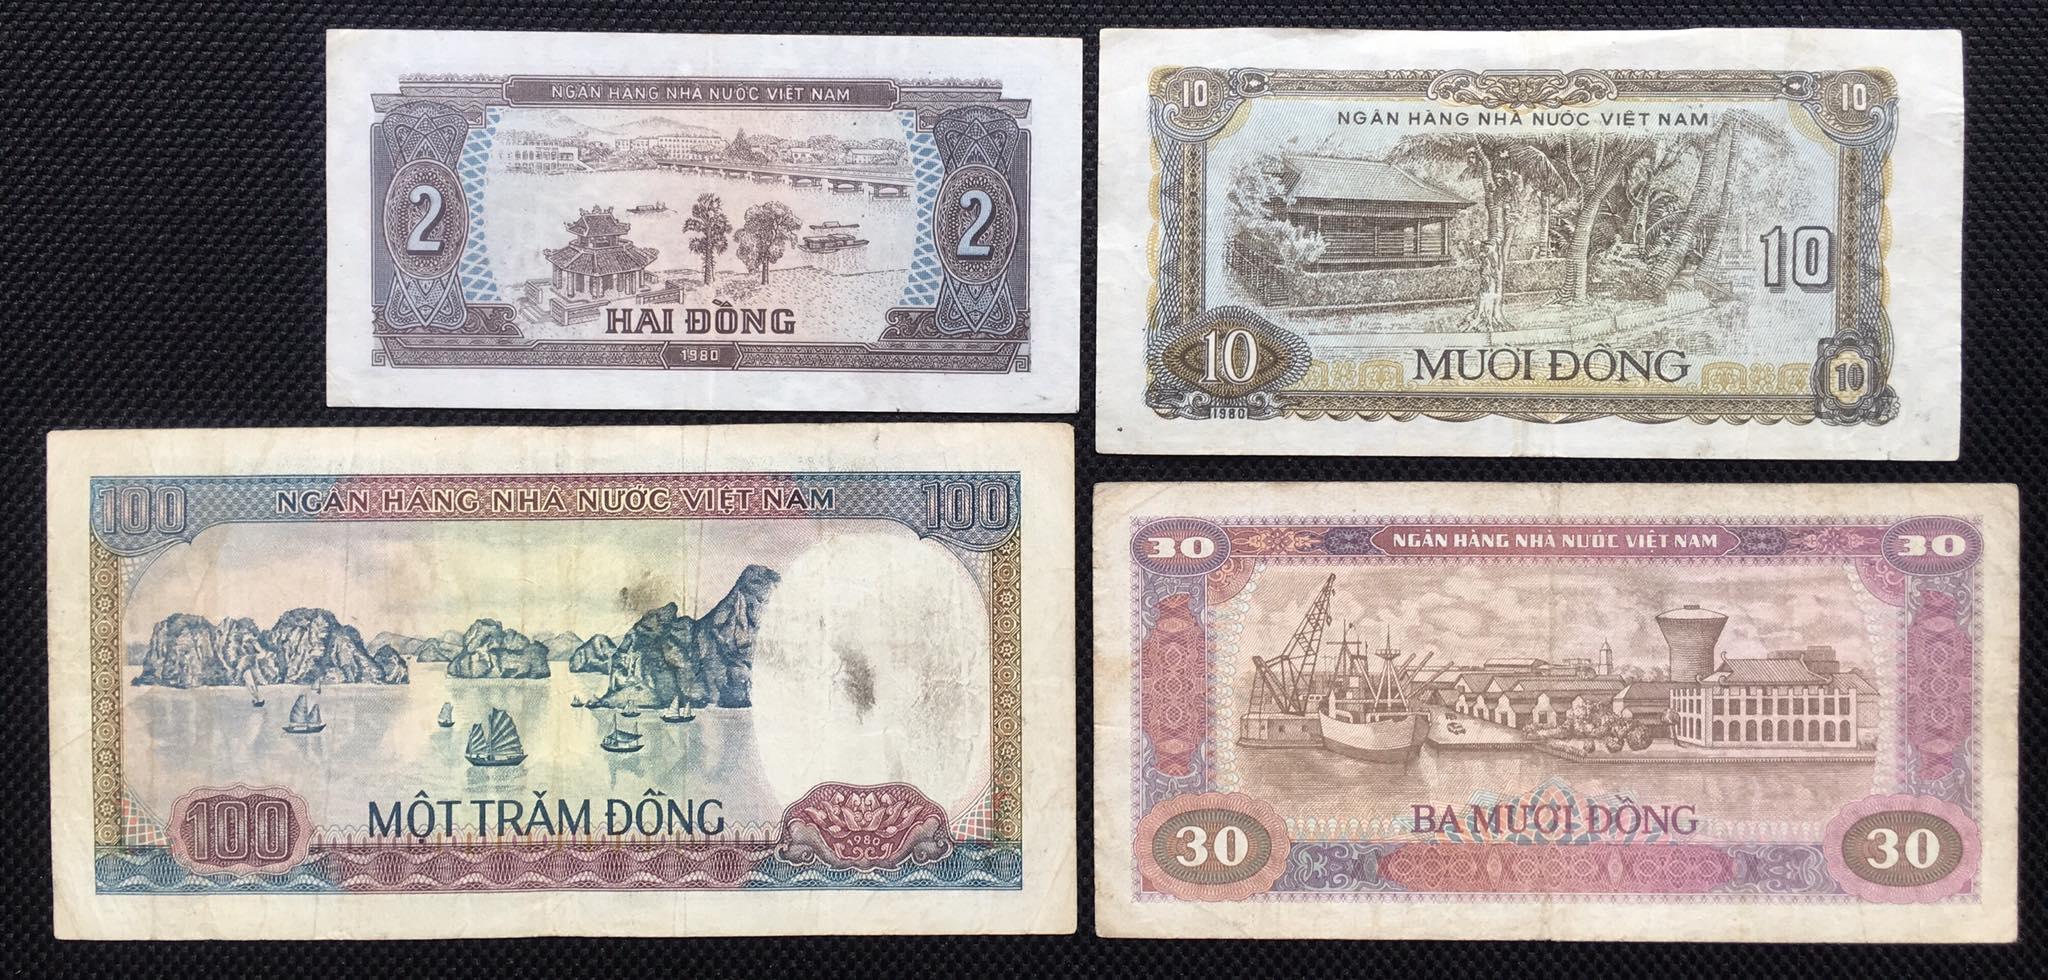 Đủ bộ tiền Việt Nam bao cáp 1980 - 1981. 4 tờ sưu tầm